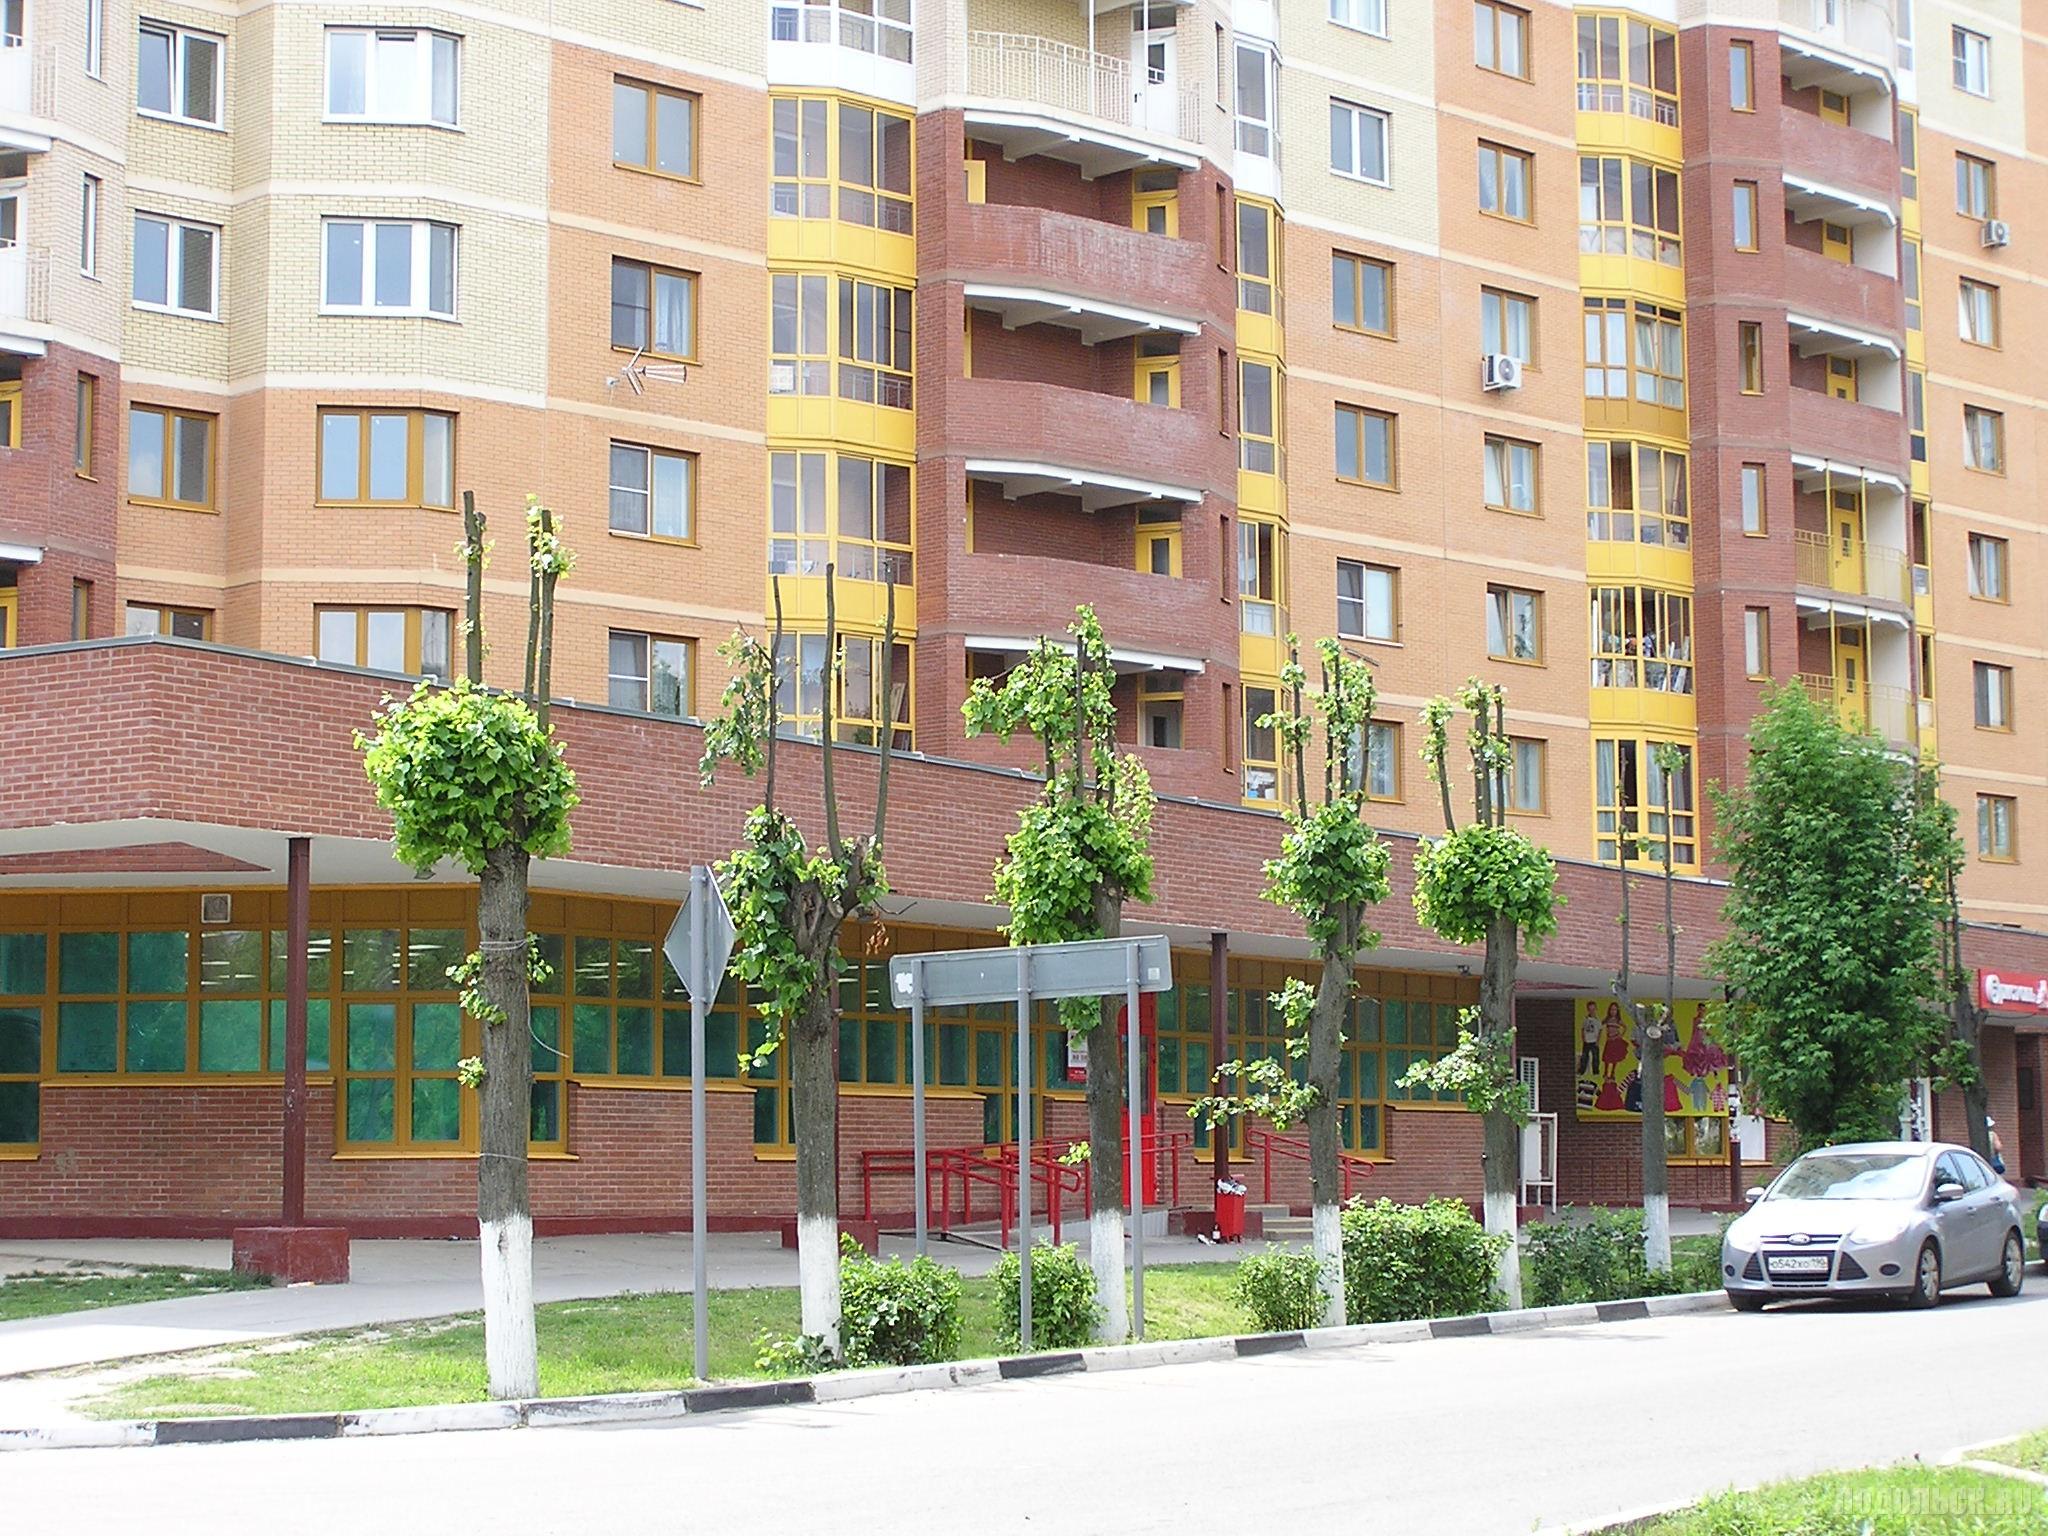 Львовский, улица Горького, 17. 27 июня 2016 г.